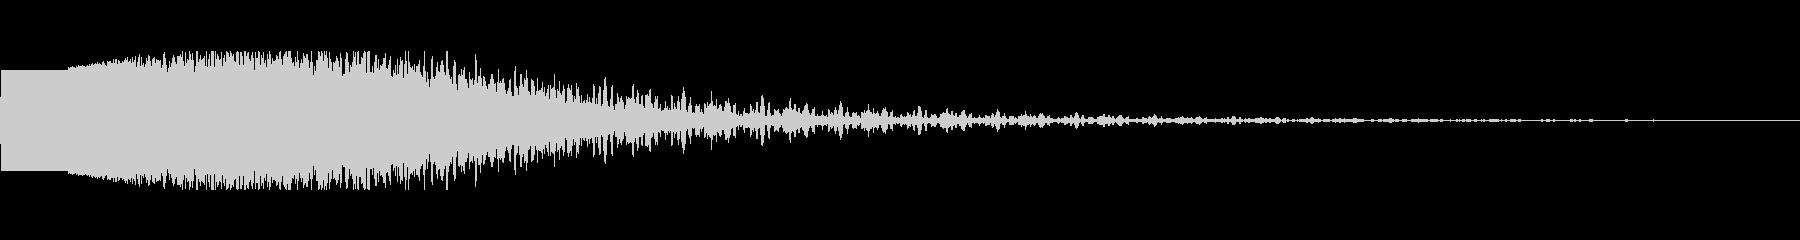 フィニッシュインパクト(KO時の演出音)の未再生の波形